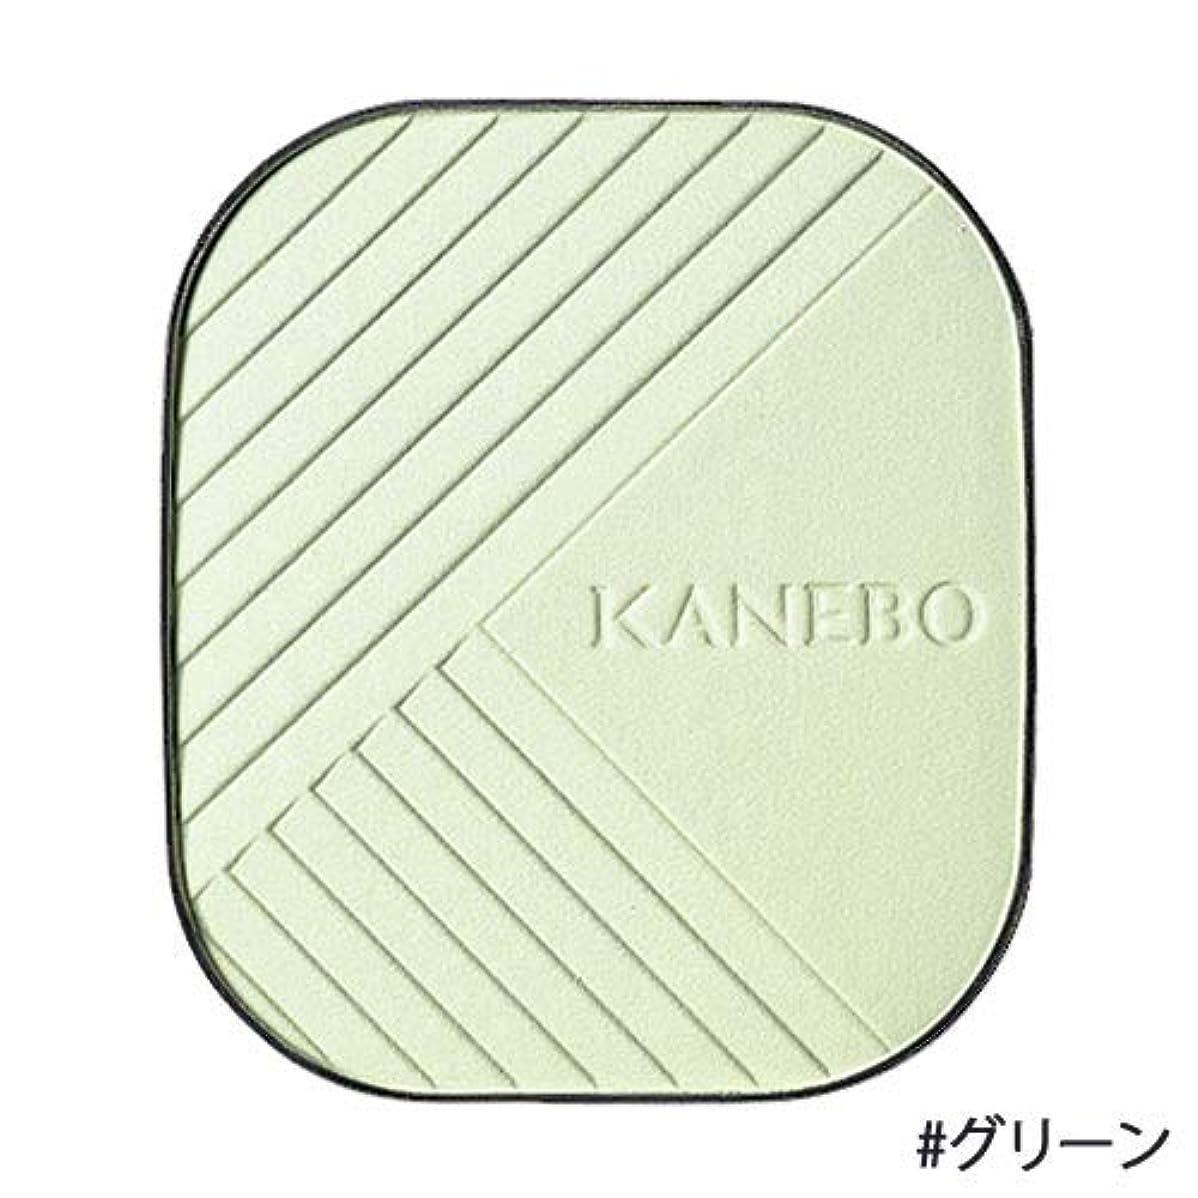 パブプログラムおもしろいKANEBO カネボウ ラスターカラーファンデーション レフィル グリーン/GN 9g [並行輸入品]